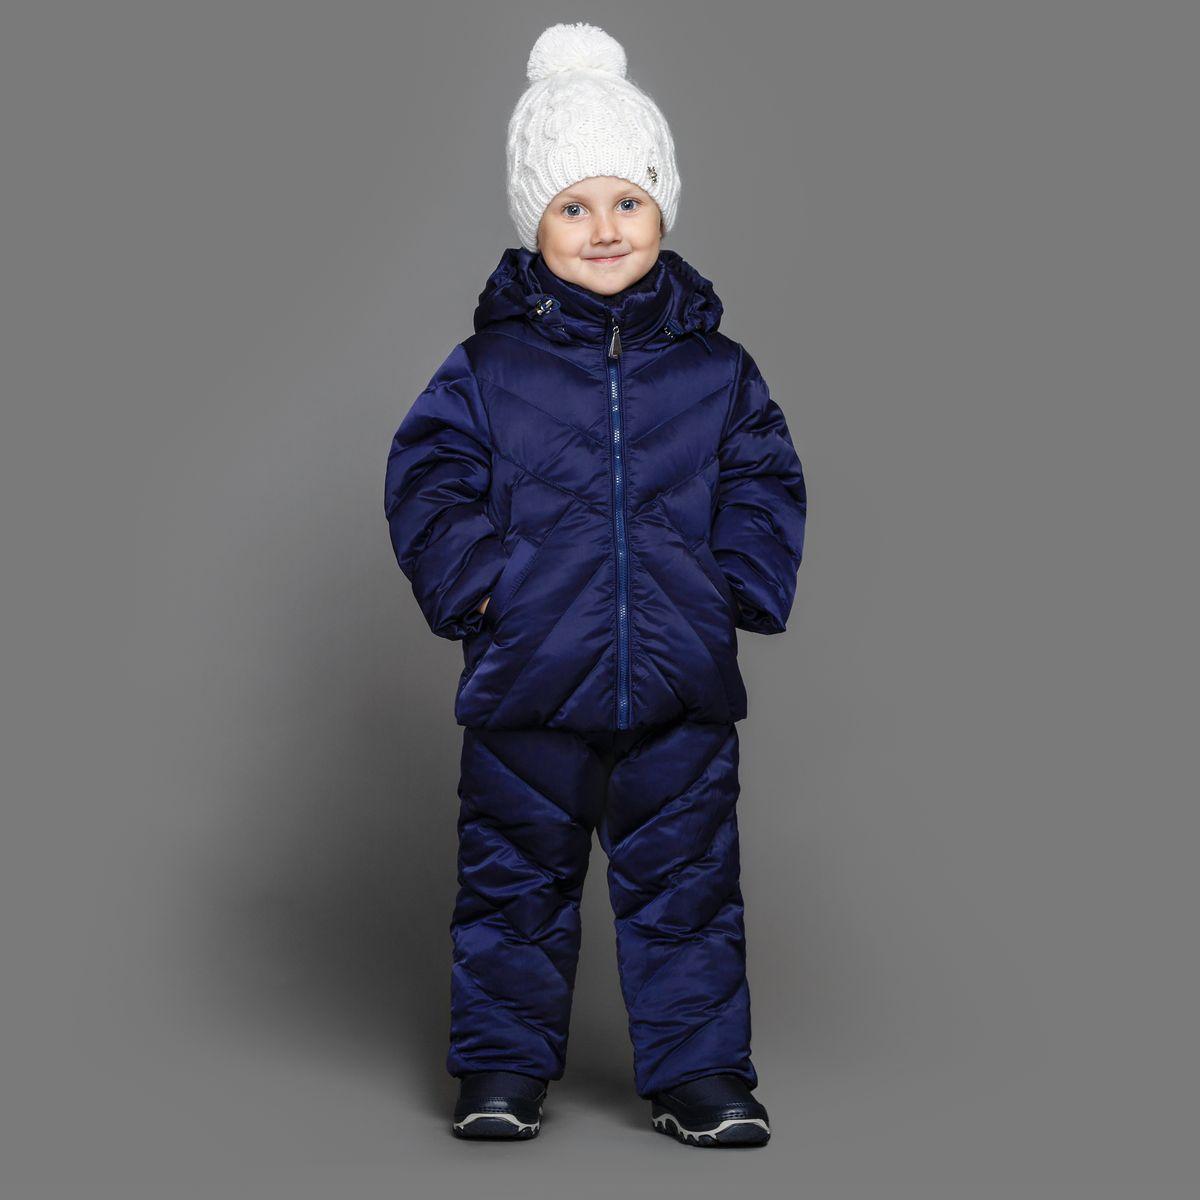 Комплект для девочки Ёмаё: куртка, полукомбинезон, цвет: темно-синий. 39-151. Размер 8039-151Теплый комплект Ёмаё идеально подойдет для ребенка в холодное время года. Комплект состоит из куртки и полукомбинезона, изготовленных из водоотталкивающей ткани с утеплителем из синтепуха. Подкладка выполнена из полиэстера. Куртка застегивается на пластиковую застежку-молнию и дополнена капюшоном на кулиске. Низ рукавов с внутренними трикотажными манжетами - дополнительная защита от ветра и снега. Предусмотрены два прорезных кармана. Полукомбинезон с небольшой грудкой застегивается на пластиковую застежку-молнию и имеет наплечные лямки с пластиковым карабином, регулируемые по длине. Спереди он оформлен двумя втачными кармашками. На талии предусмотрена широкая эластичная резинка, которая позволяет надежно заправить в брюки водолазку или свитер. Снизу брючины дополнены внутренними манжетами с настроченной эластичной тесьмой с латексной нитью (антискользящая), которая фиксирует брючины на сапогах и предохраняет от попадания снега. Все молнии с внутренними ветрозащитными планками. Набивка куртки - 220 г/м2, подкладка - флис. Набивка полукомбинезона - 150 г/м2.Температурный режим до -10-15°С.Комфортный, удобный и практичный комплект идеально подойдет для прогулок и игр на свежем воздухе!